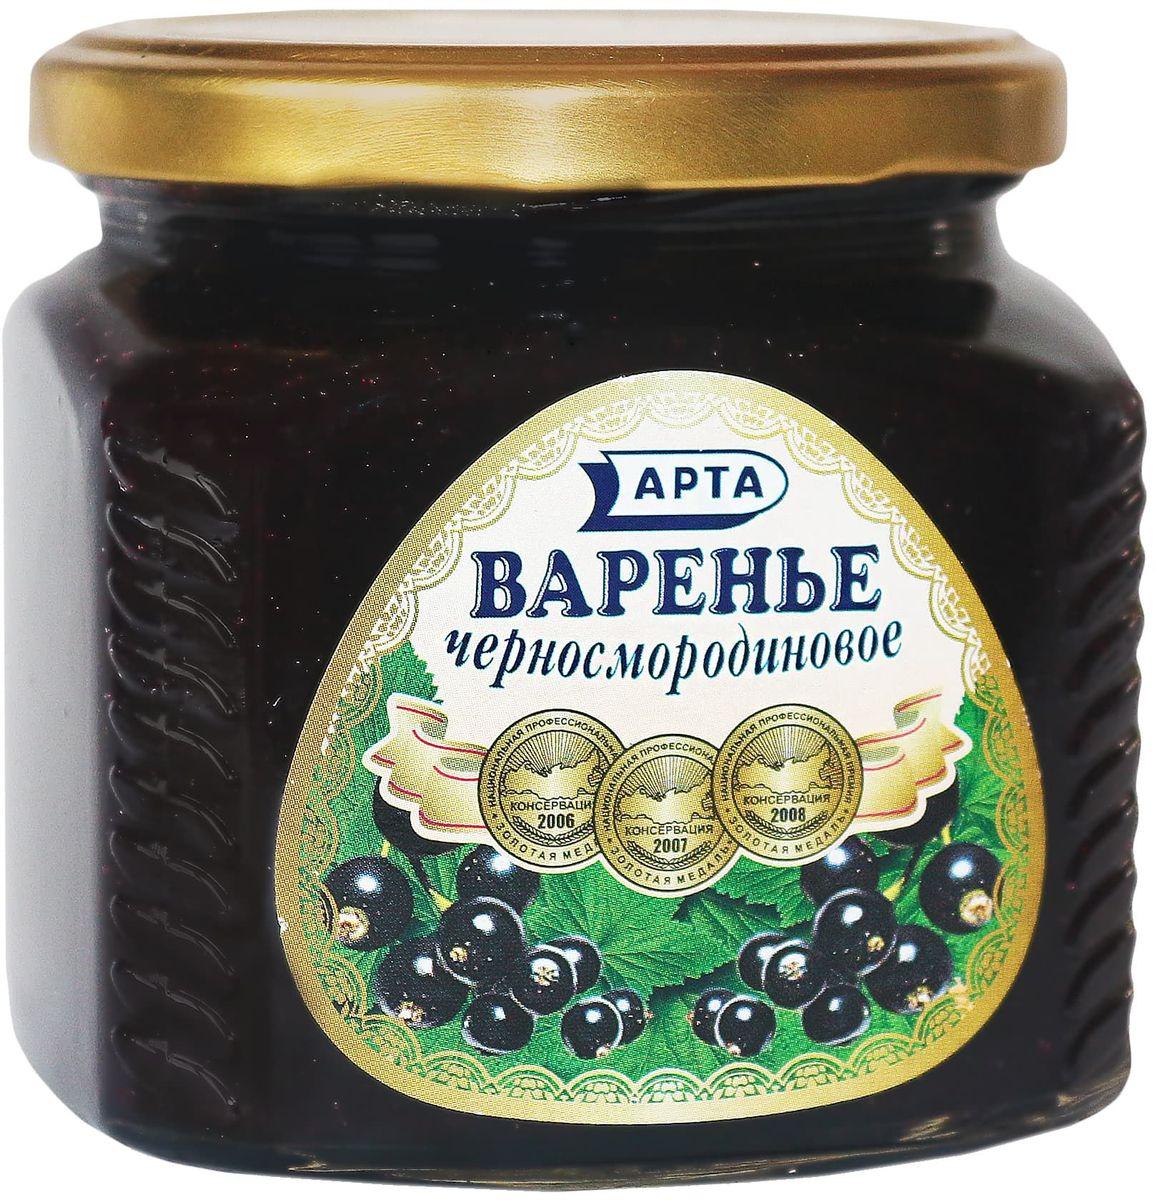 Арта варенье черносмородиновое, 500 г